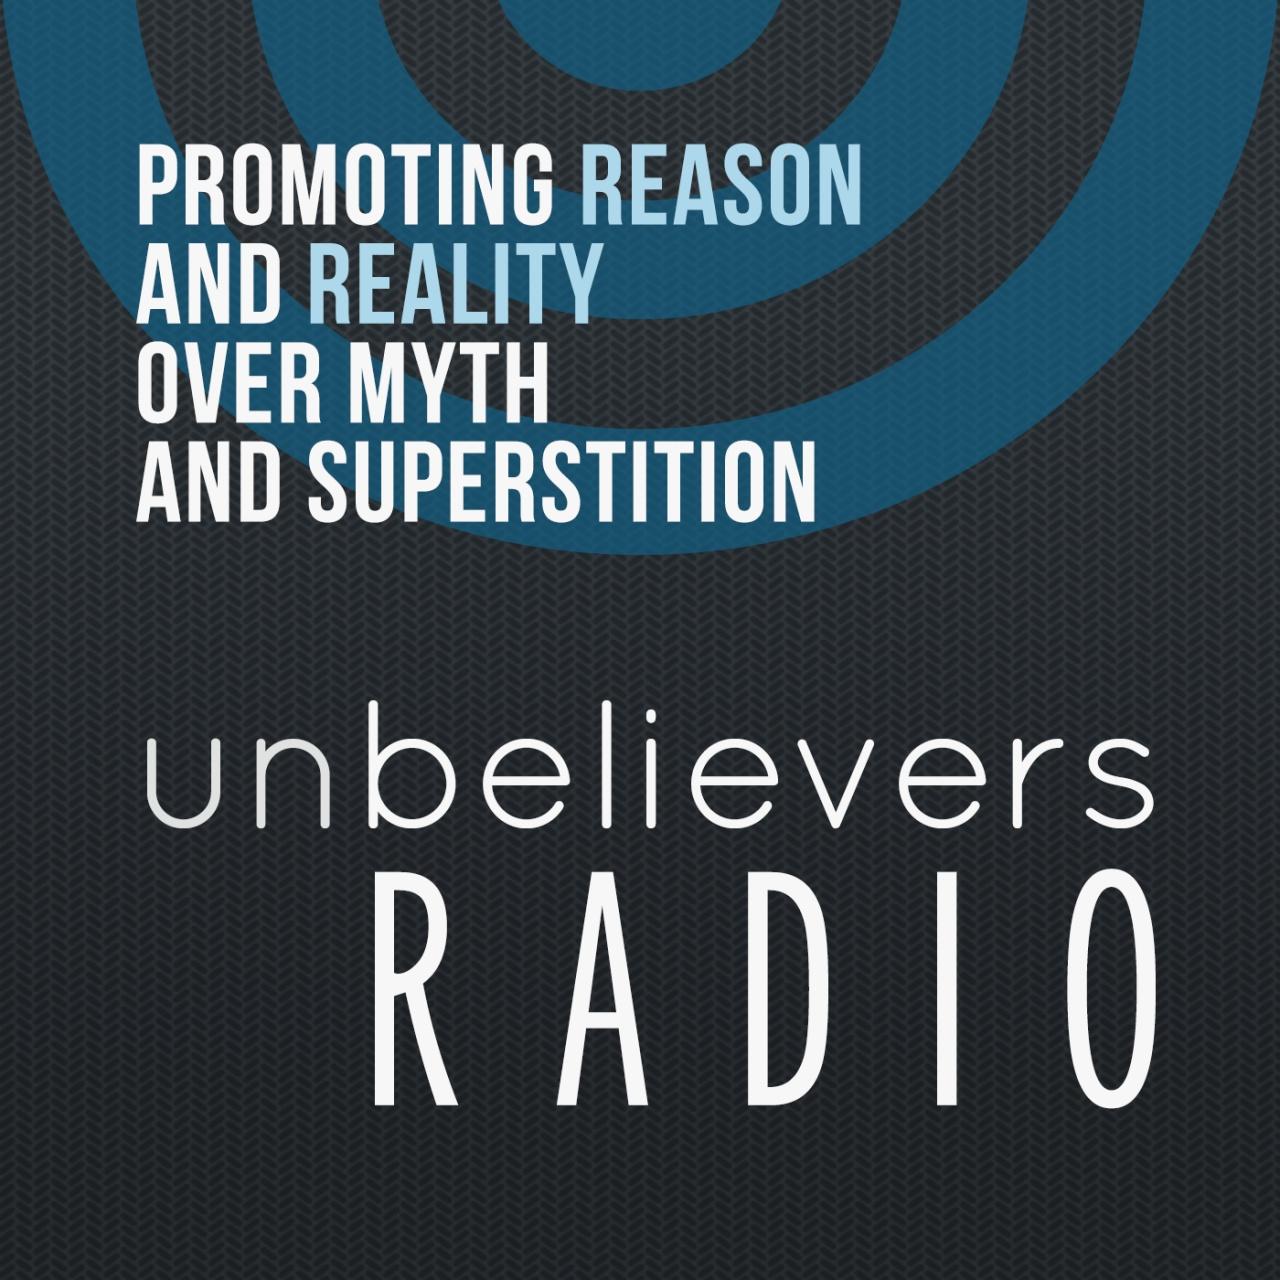 Unbelievers Radio